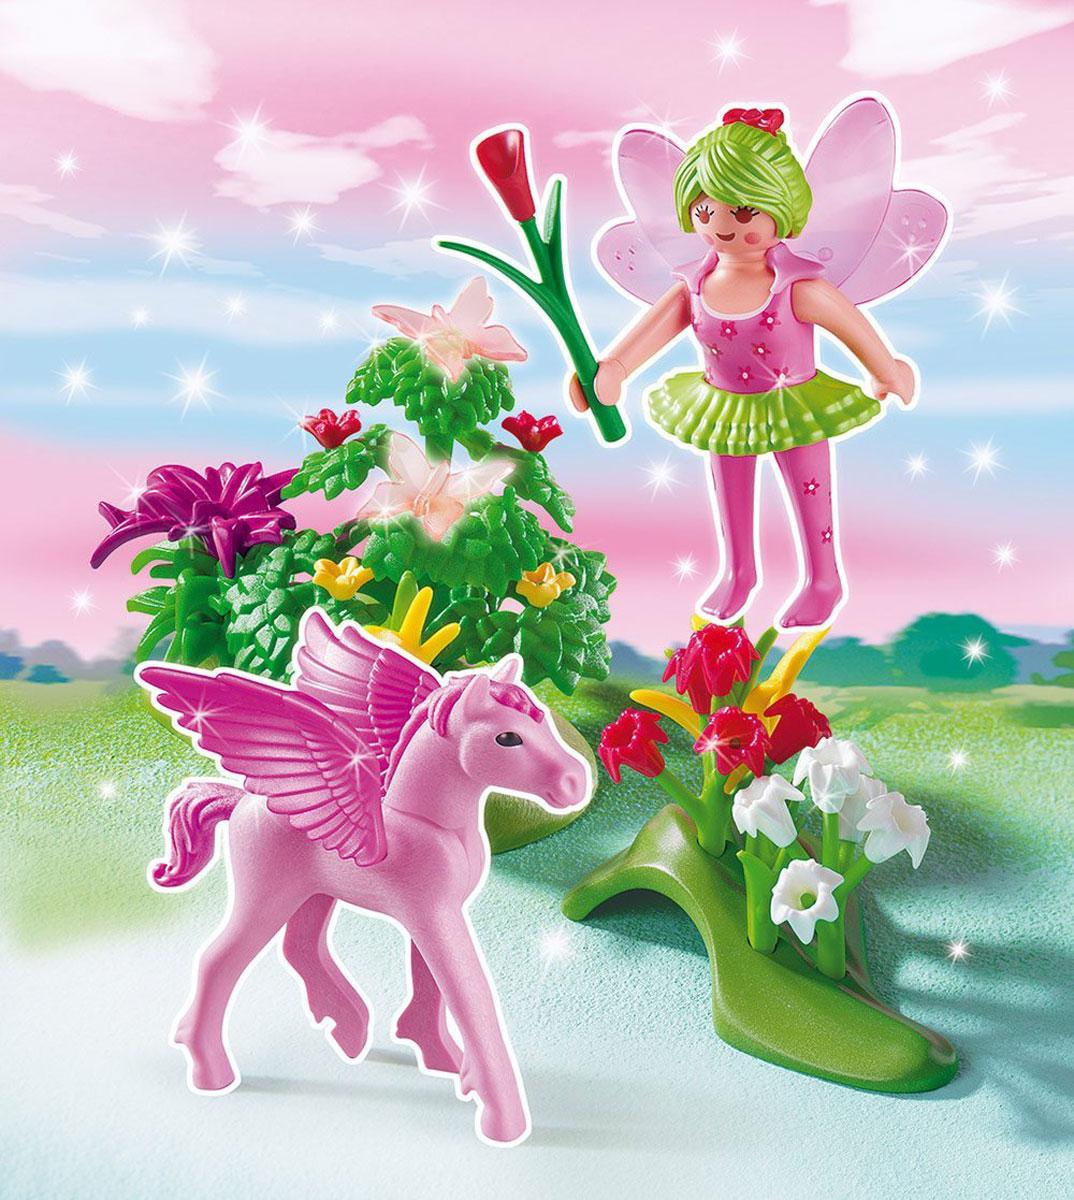 Playmobil Игровой набор Сказочная Принцесса Весны с летающей лошадкой5351pmИгровой набор Playmobil Сказочная Принцесса Весны с летающей лошадкой обязательно понравится вашему ребенку. Он выполнен из безопасного пластика и включает фигурку принцессы Весны, ее Пегаса, две клумбы с цветами и другие аксессуары для игры. У принцессы подвижные части тела; в руках она может удерживать предметы. Ваш ребенок с удовольствием будет играть с набором, придумывая удивительные истории. Доступны мобильные приложения. Рекомендуемый возраст: от 4 до 10 лет.